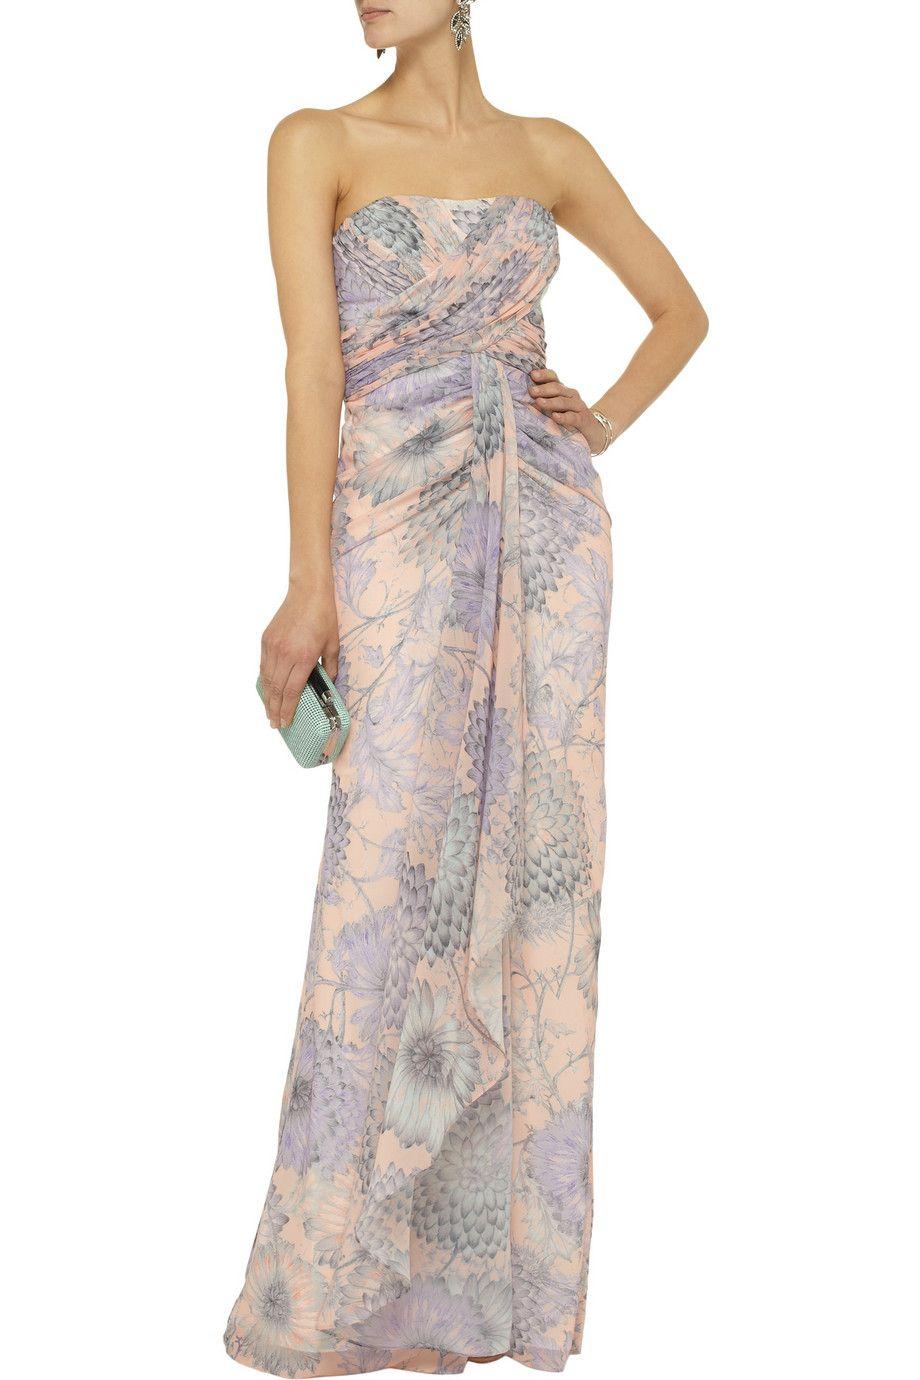 Badgley MischkaFloral-print chiffon gownfront